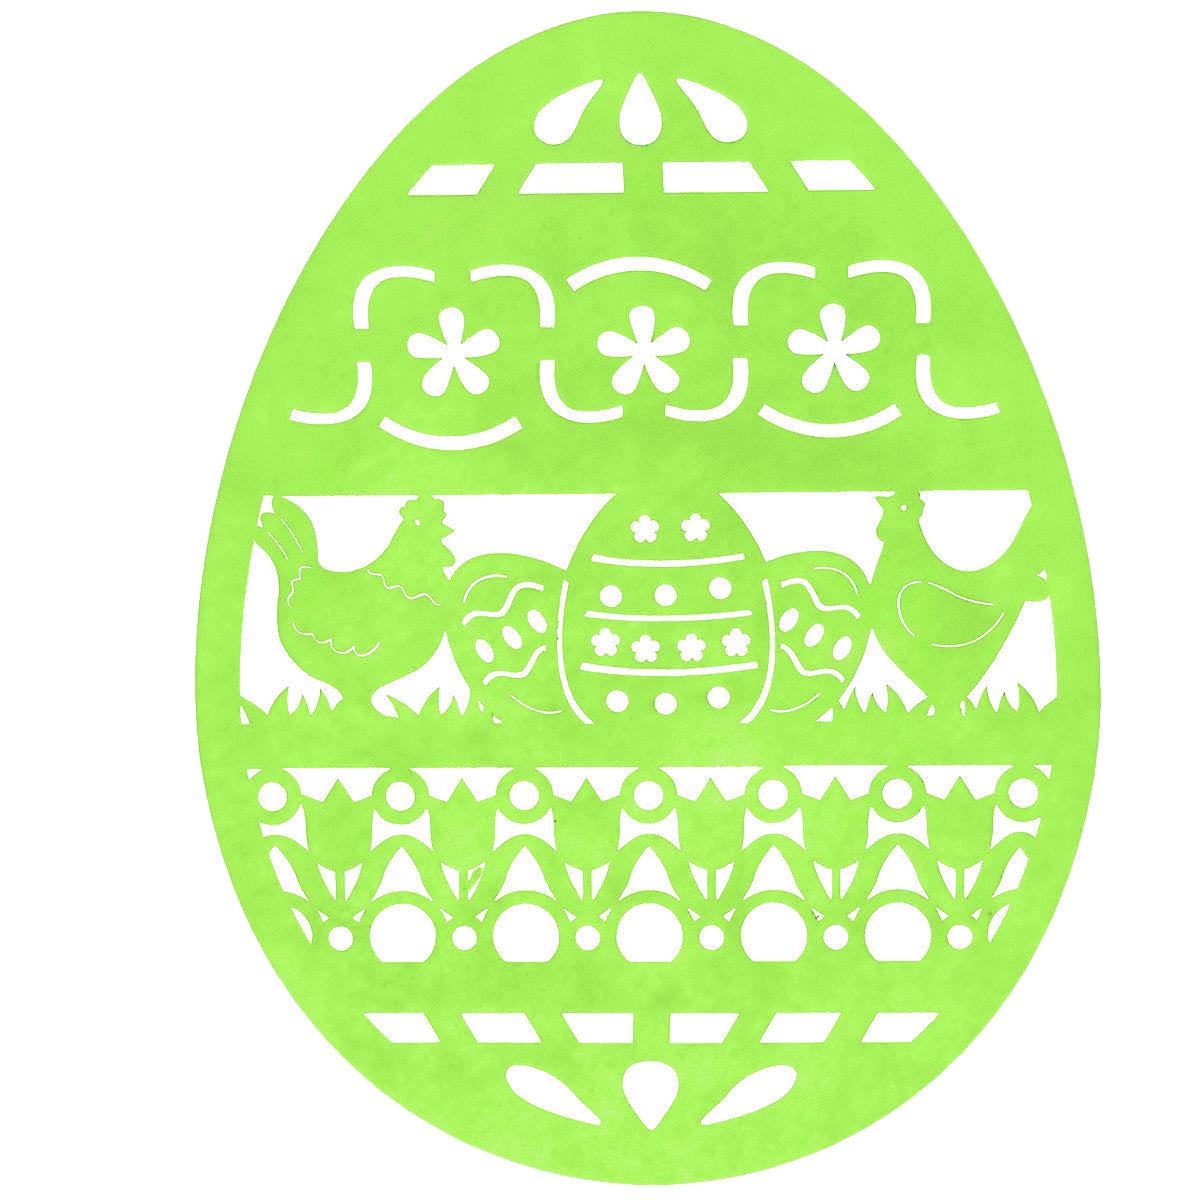 Салфетка Home Queen Веселый праздник, цвет: зеленый, 25 см х 33 см х 0,2 см66842_6Салфетка Home Queen Веселый праздник изготовлена из фетра, выполнена в форме яйца и имеет красивую перфорацию.Вы можете использовать салфетку для декорирования стола, комода, журнального столика. В любом случае она добавит в ваш дом стиля, изысканности и неповторимости и убережет мебель от царапин и потертостей. Размер салфетки: 25 см х 33 см х 0,2 см.